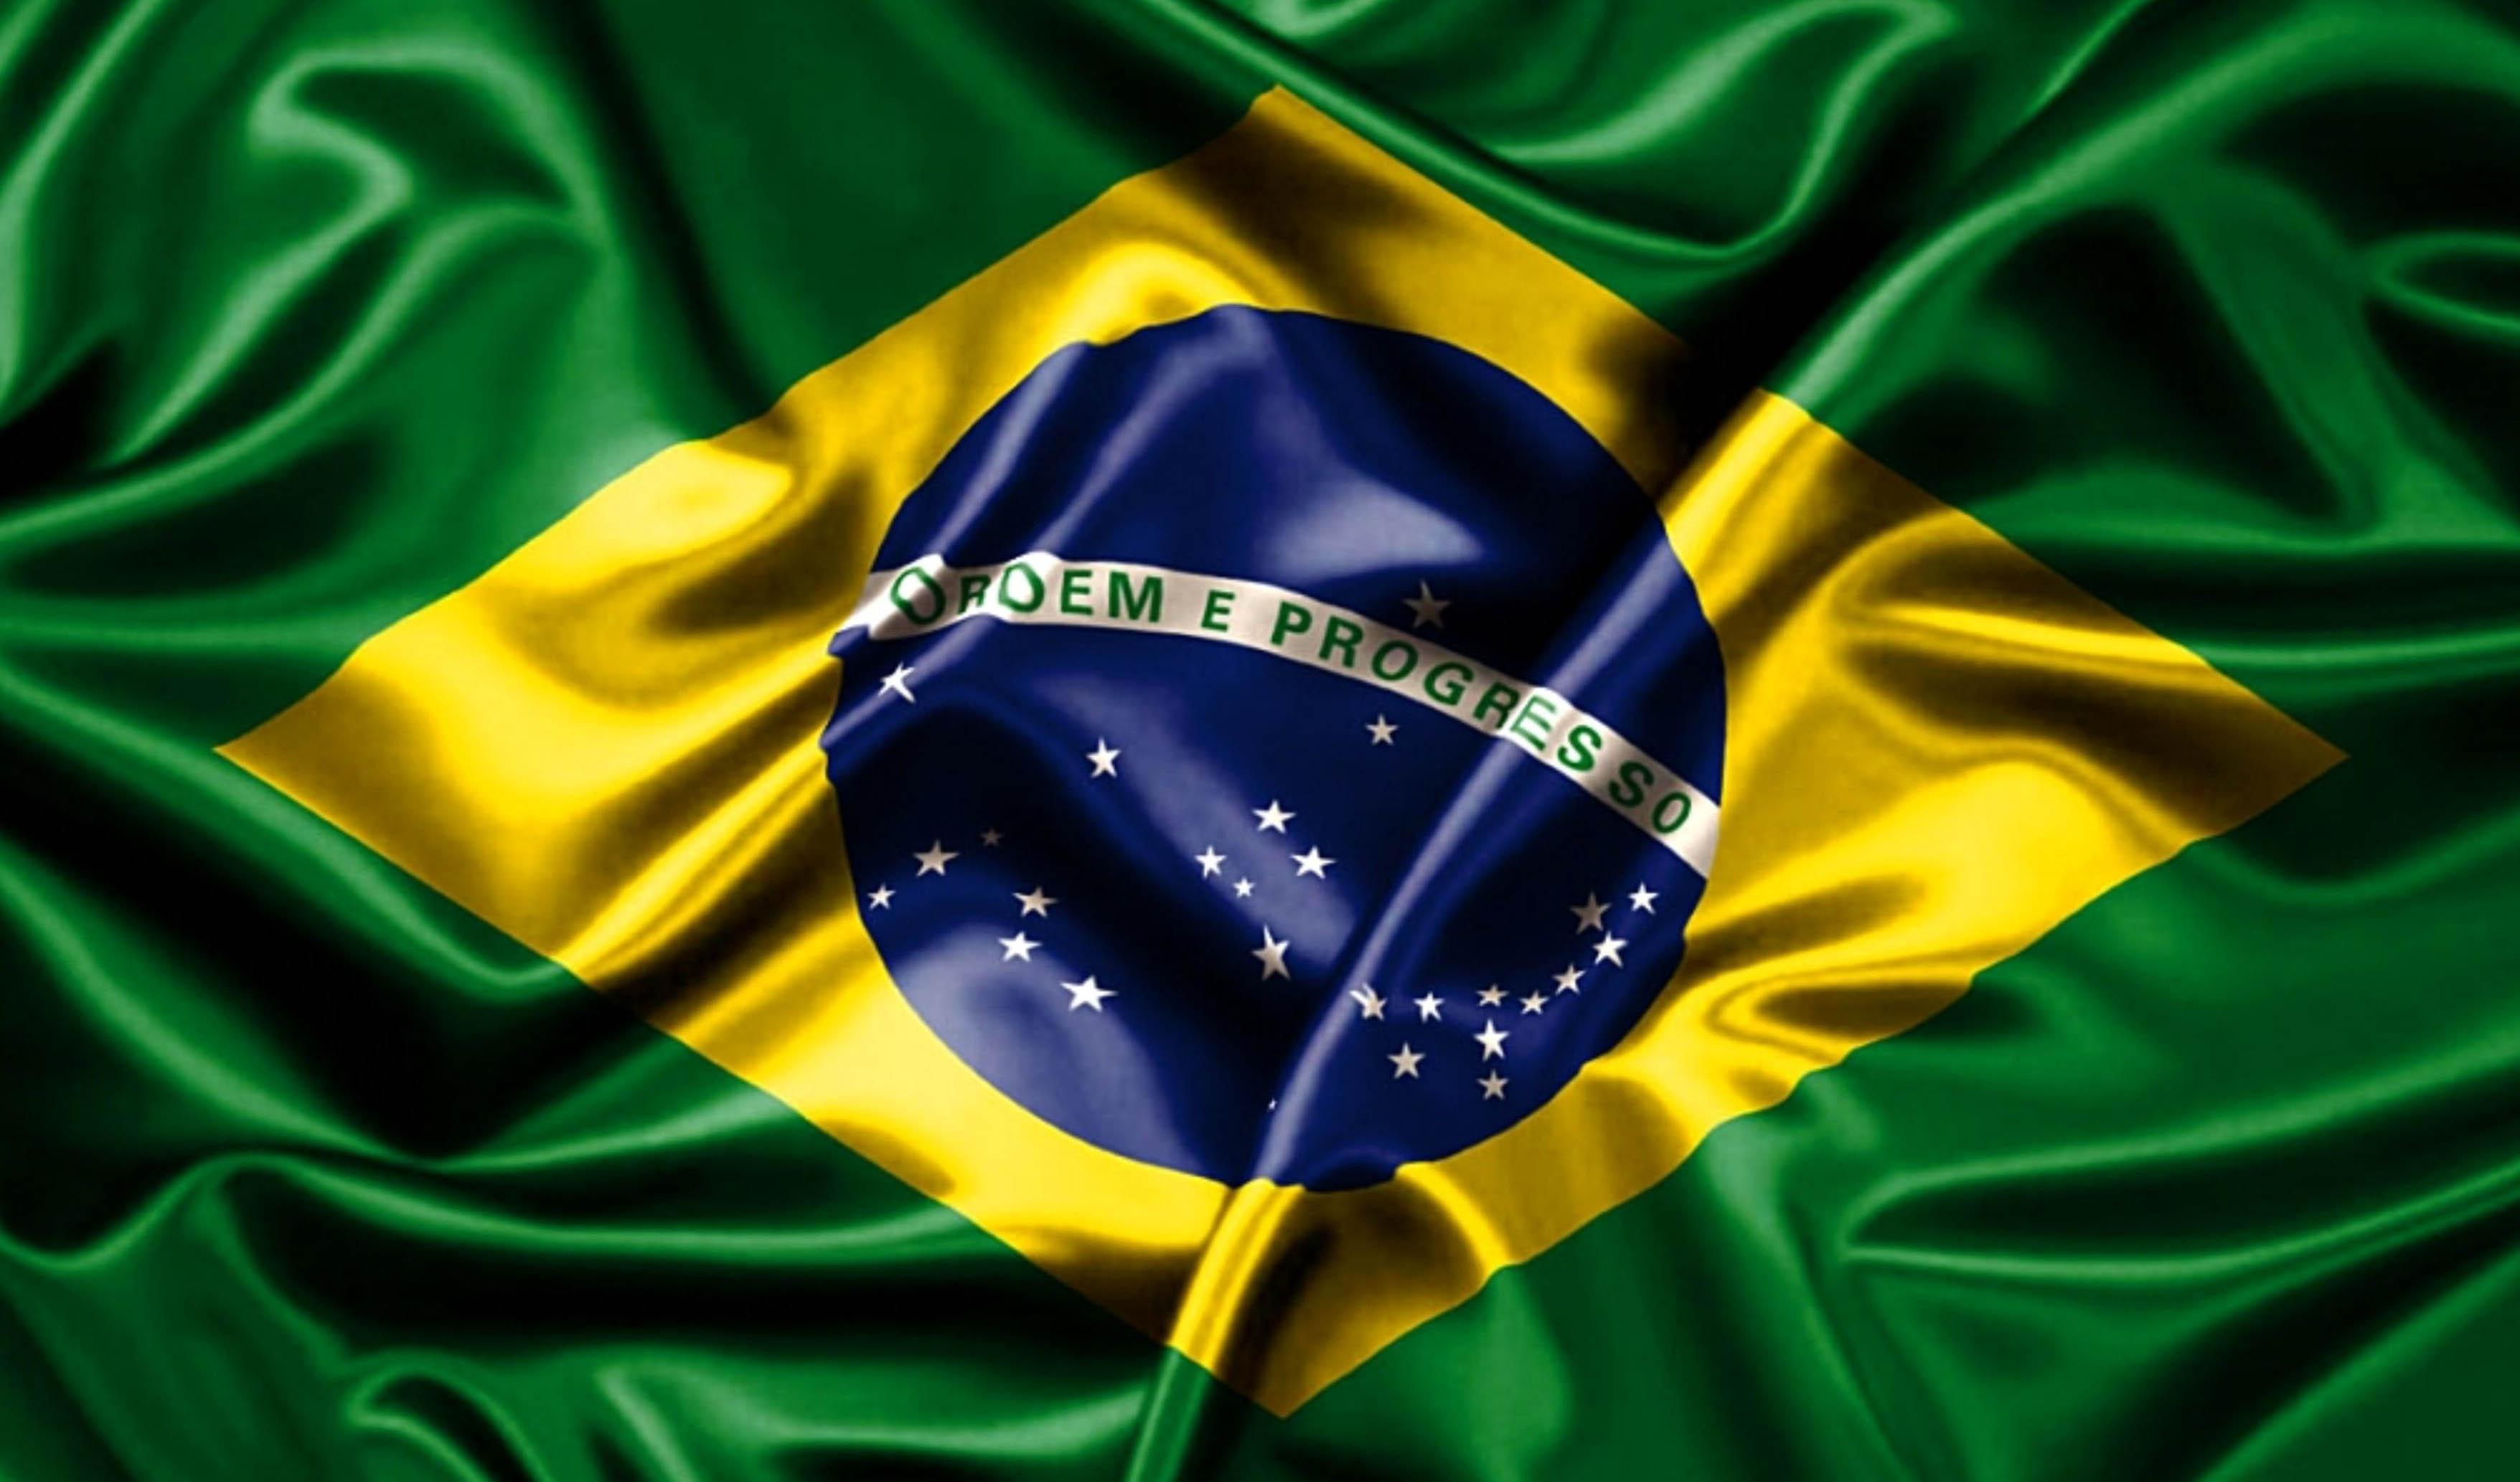 برزیل یک بندر بزرگ برای تقویت تجارت با آسیا میسازد